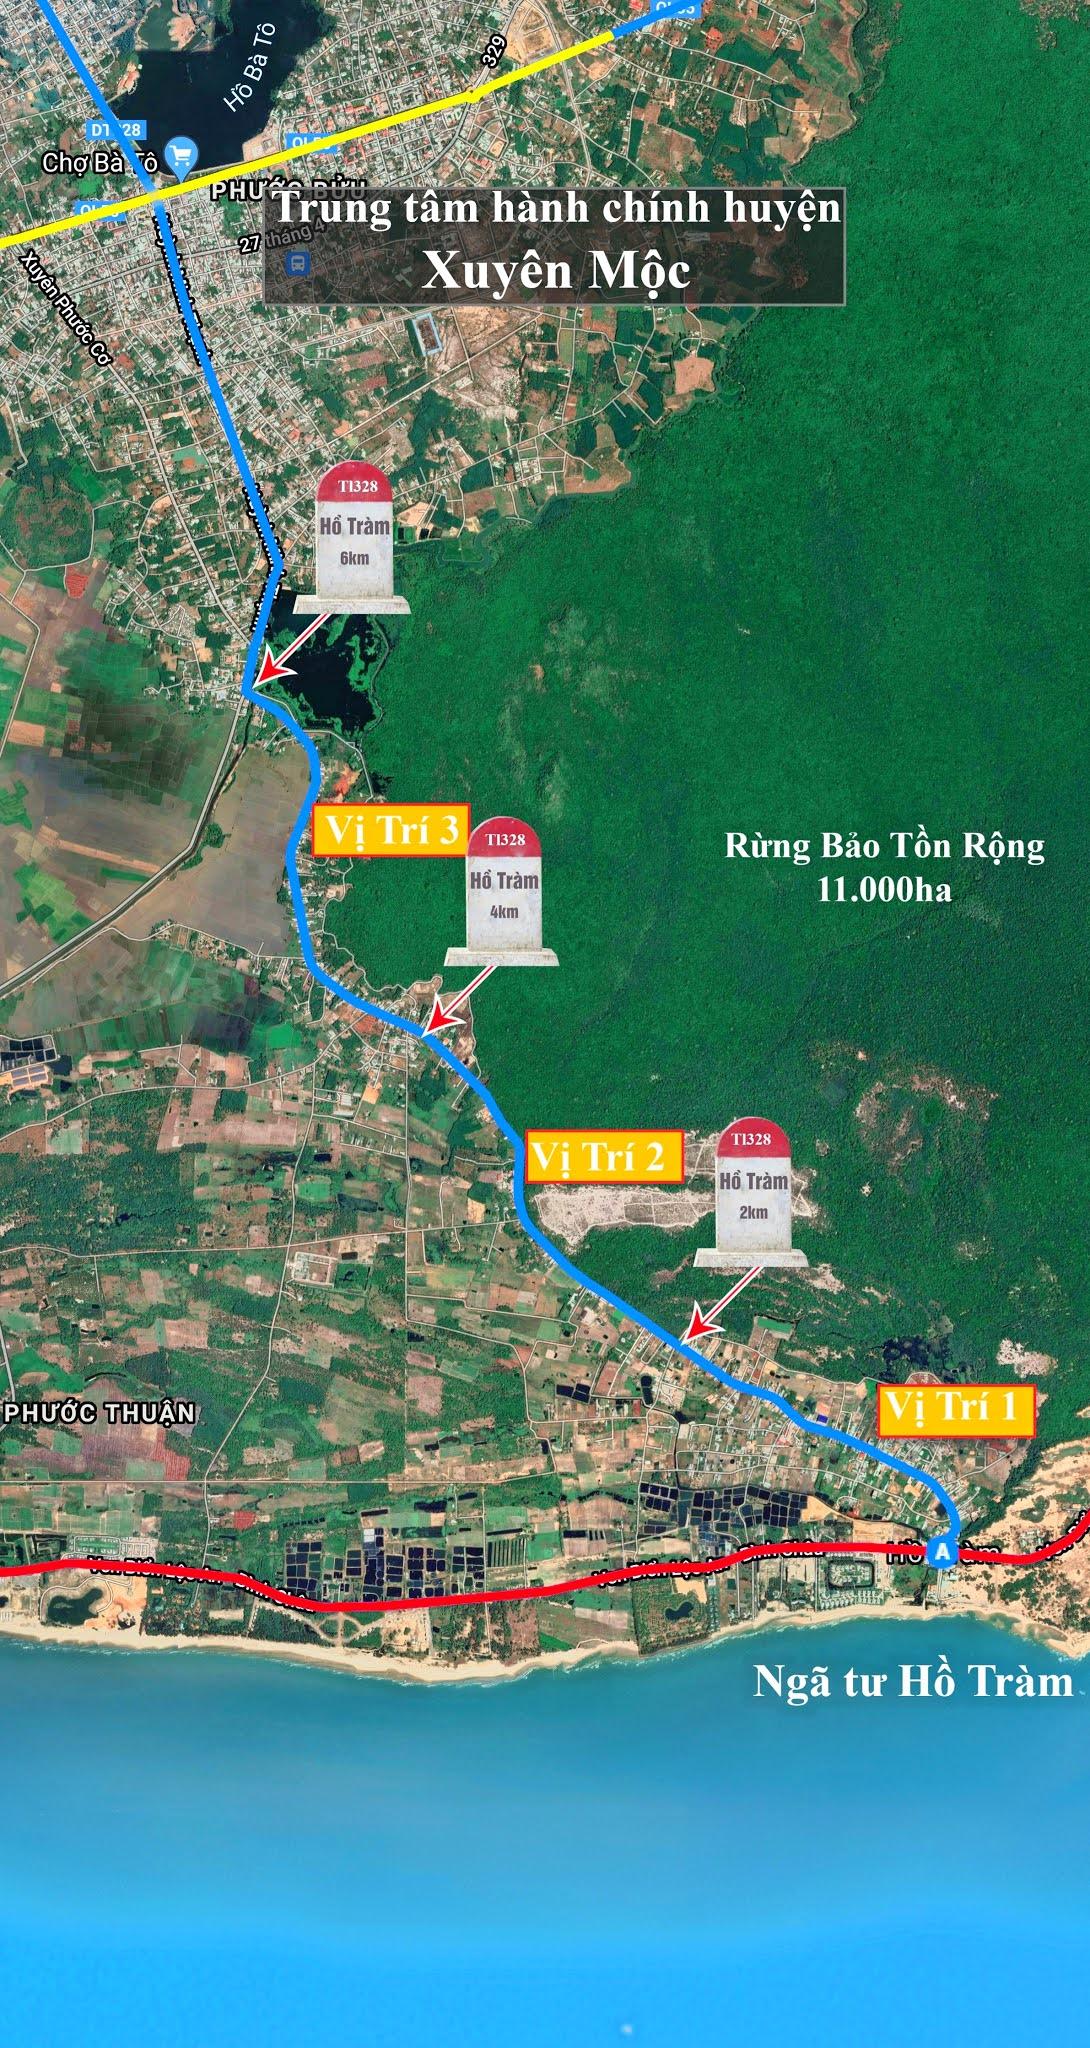 bản đồ trục đường tỉnh lộ 328 và vị trí đất đang được bán tại Hồ Tràm